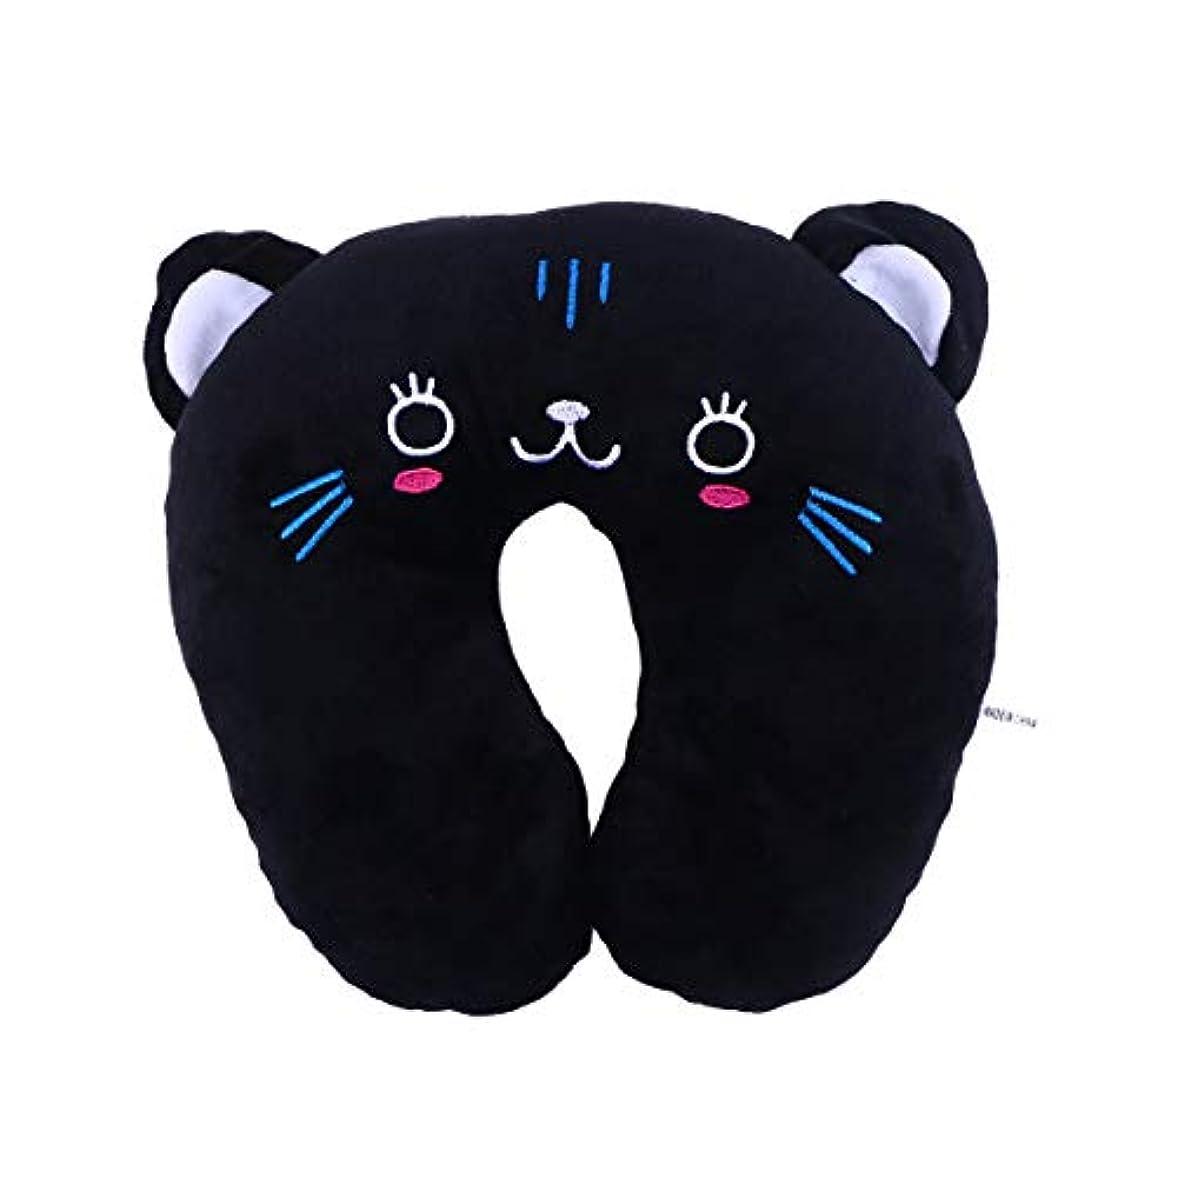 回復怖い畝間HEALIFTY 首牽引枕漫画ぬいぐるみU字型枕首サポートクッション旅行枕飛行機のための車(黒猫)